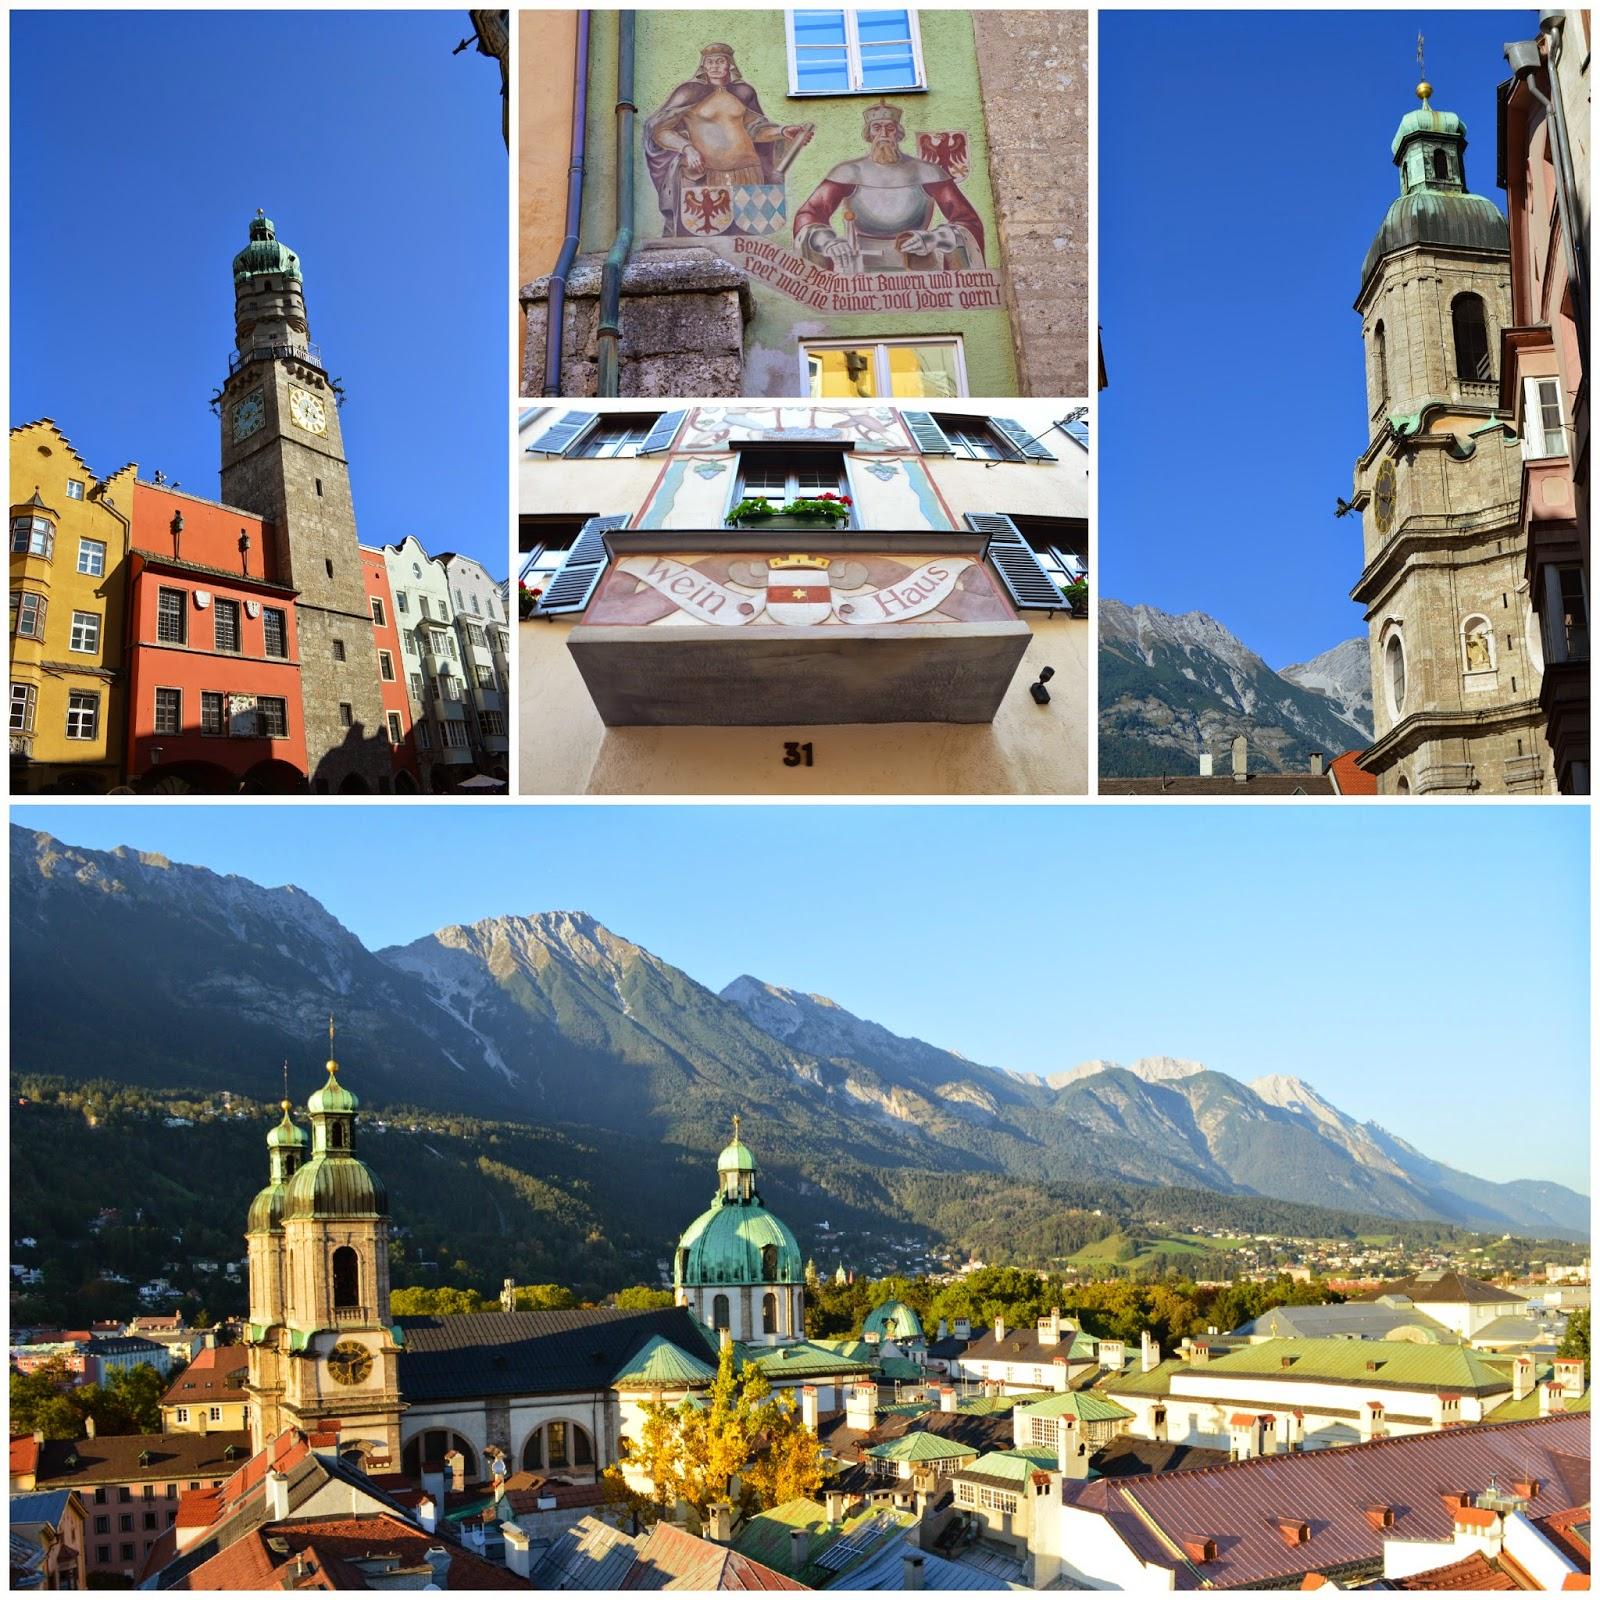 Altstadt, Innsbruck, Austria